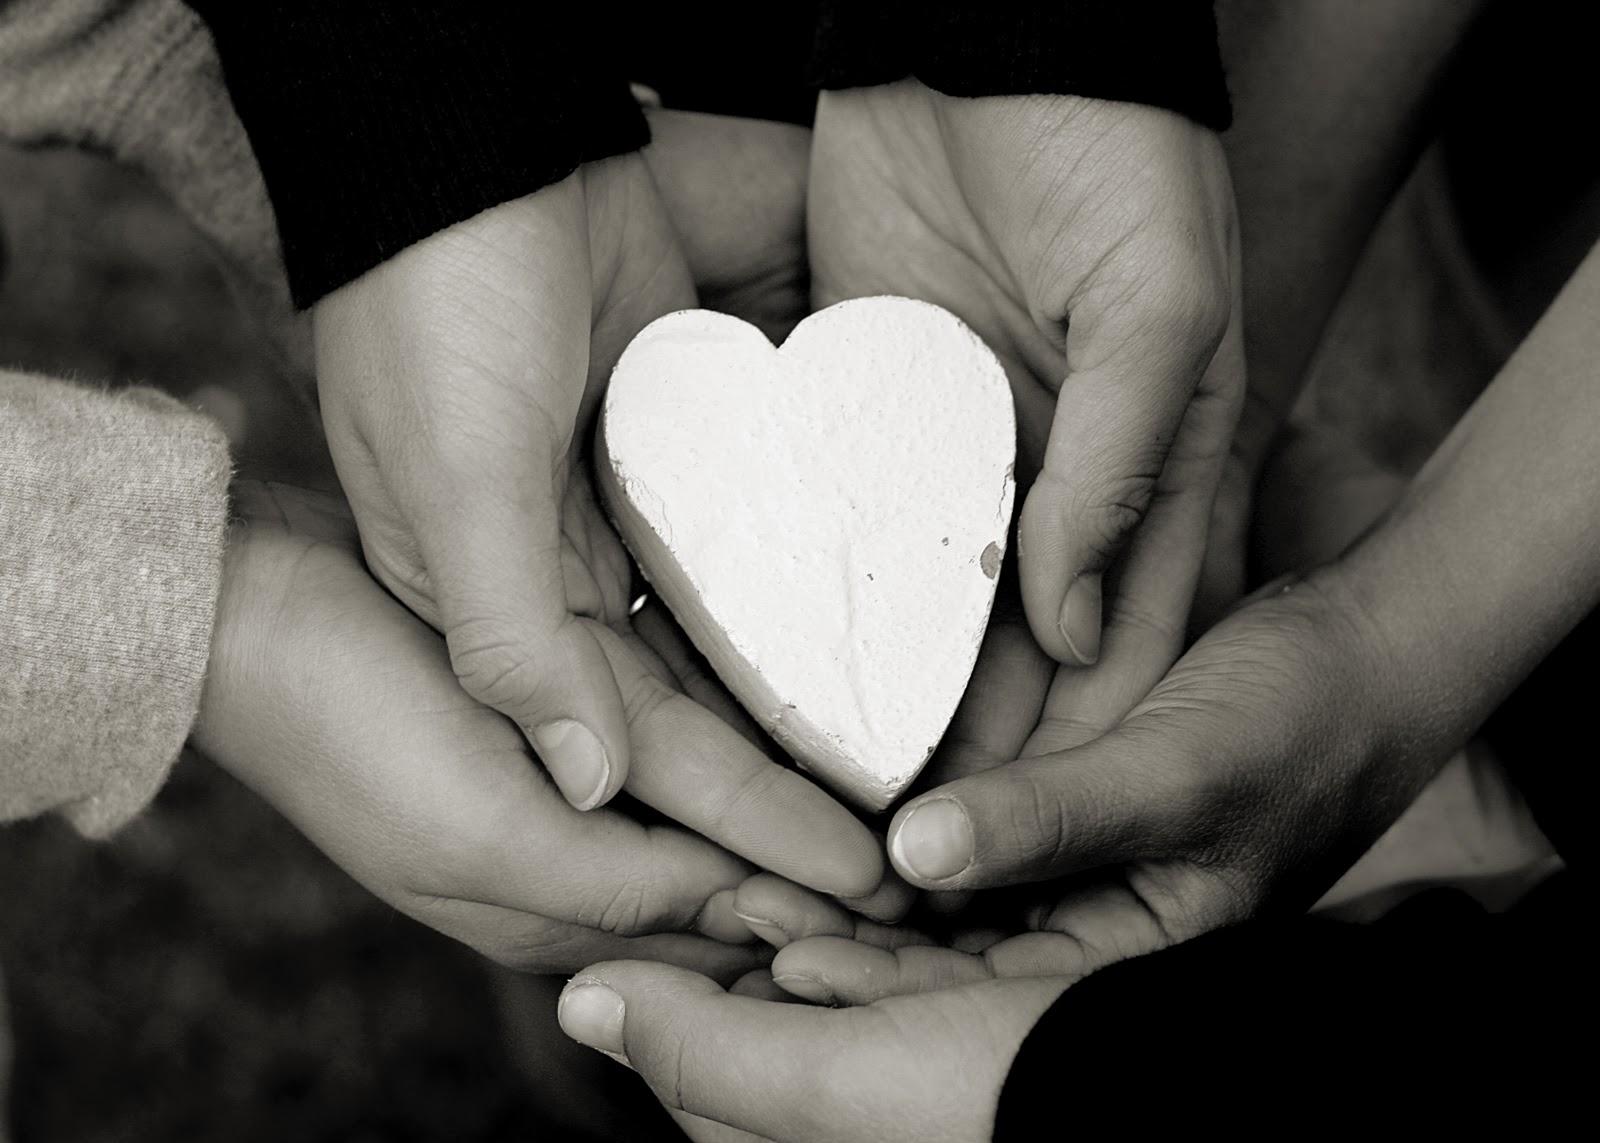 Картинки о любви и верности между людьми, февраля